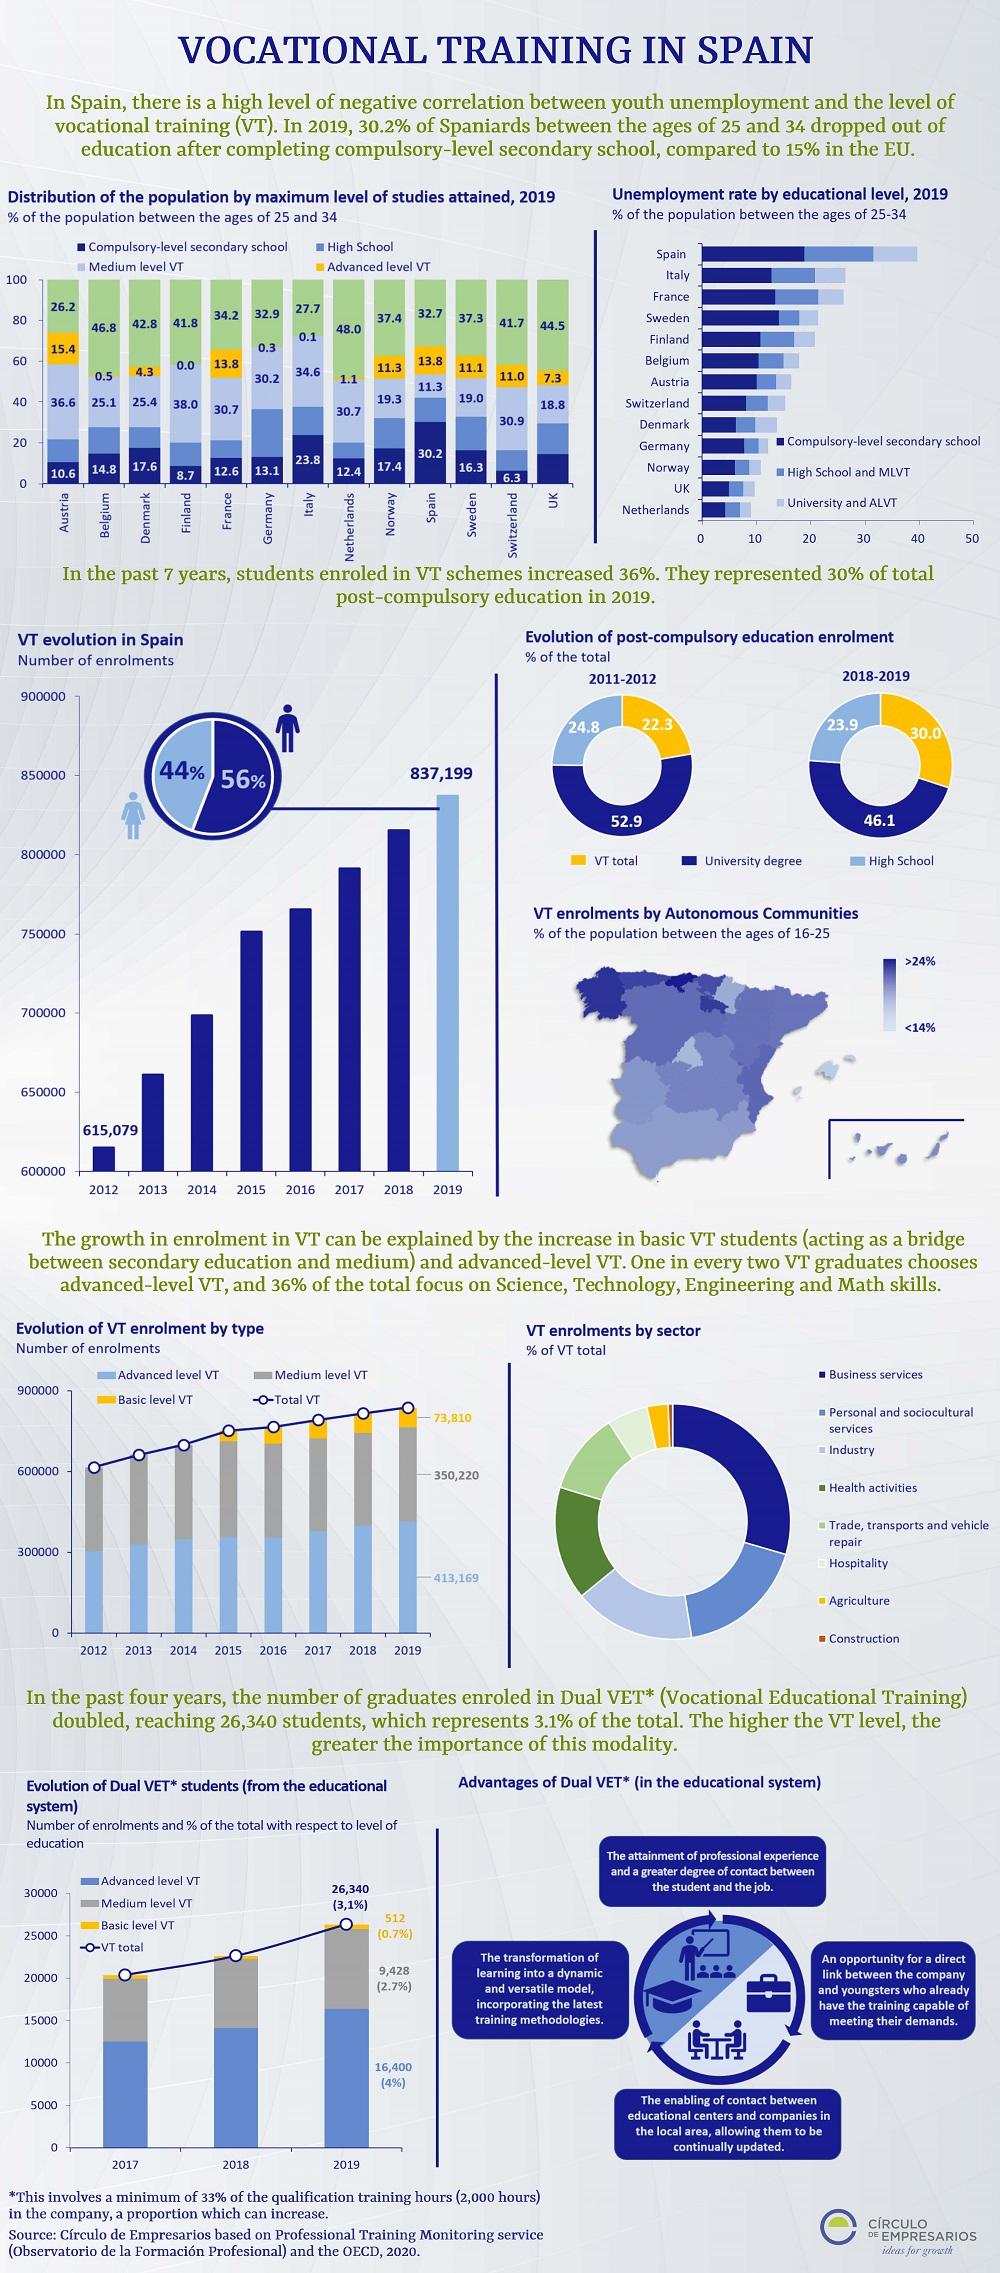 Vocational-Training-in-Spain-infographic-December-2020-Circulo-de-Empresarios